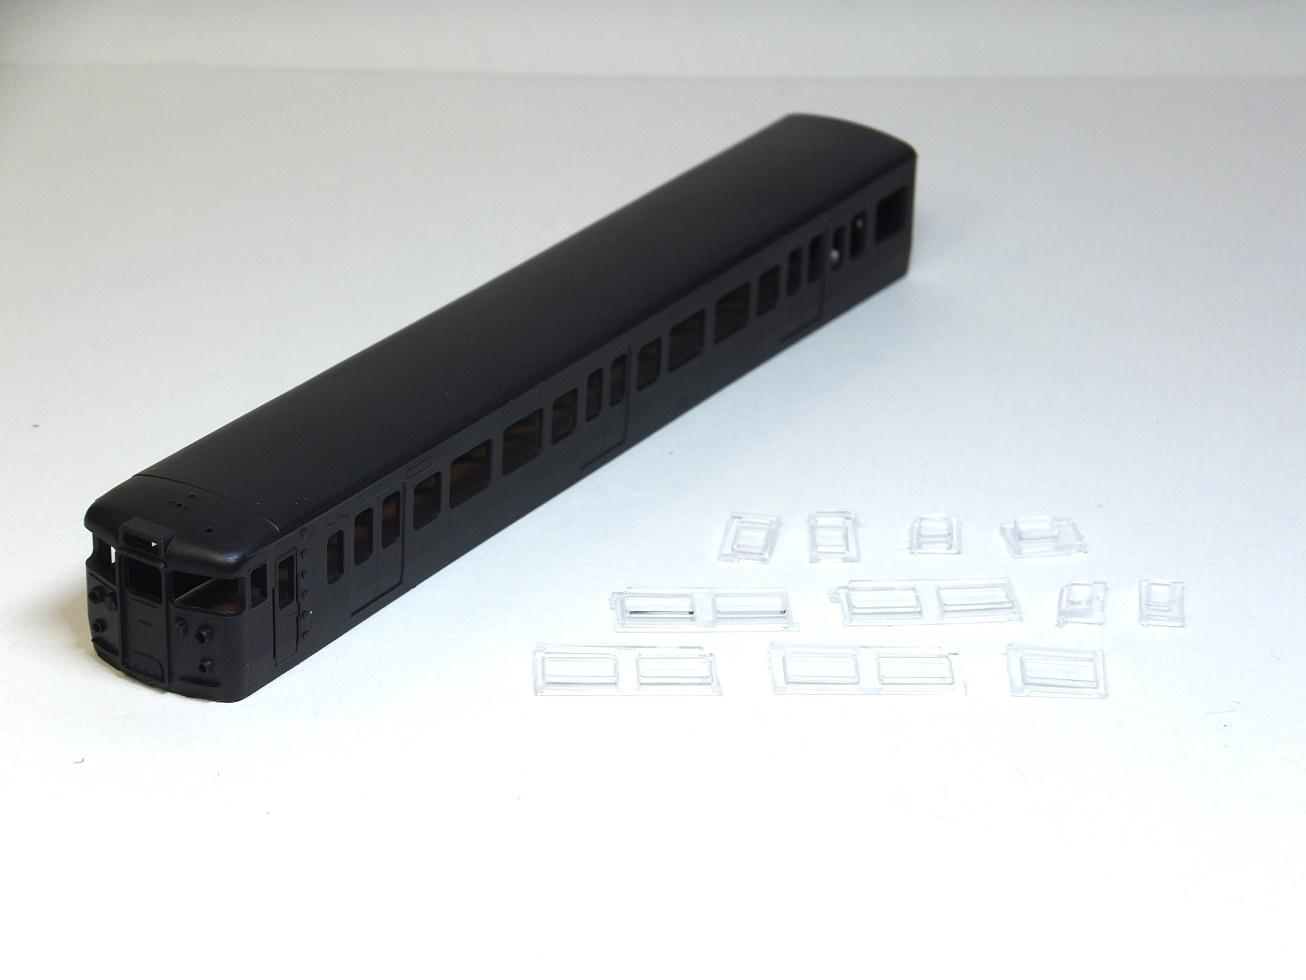 115系 クハ115-600 一体成型ボディキット_b0406338_01472681.jpg